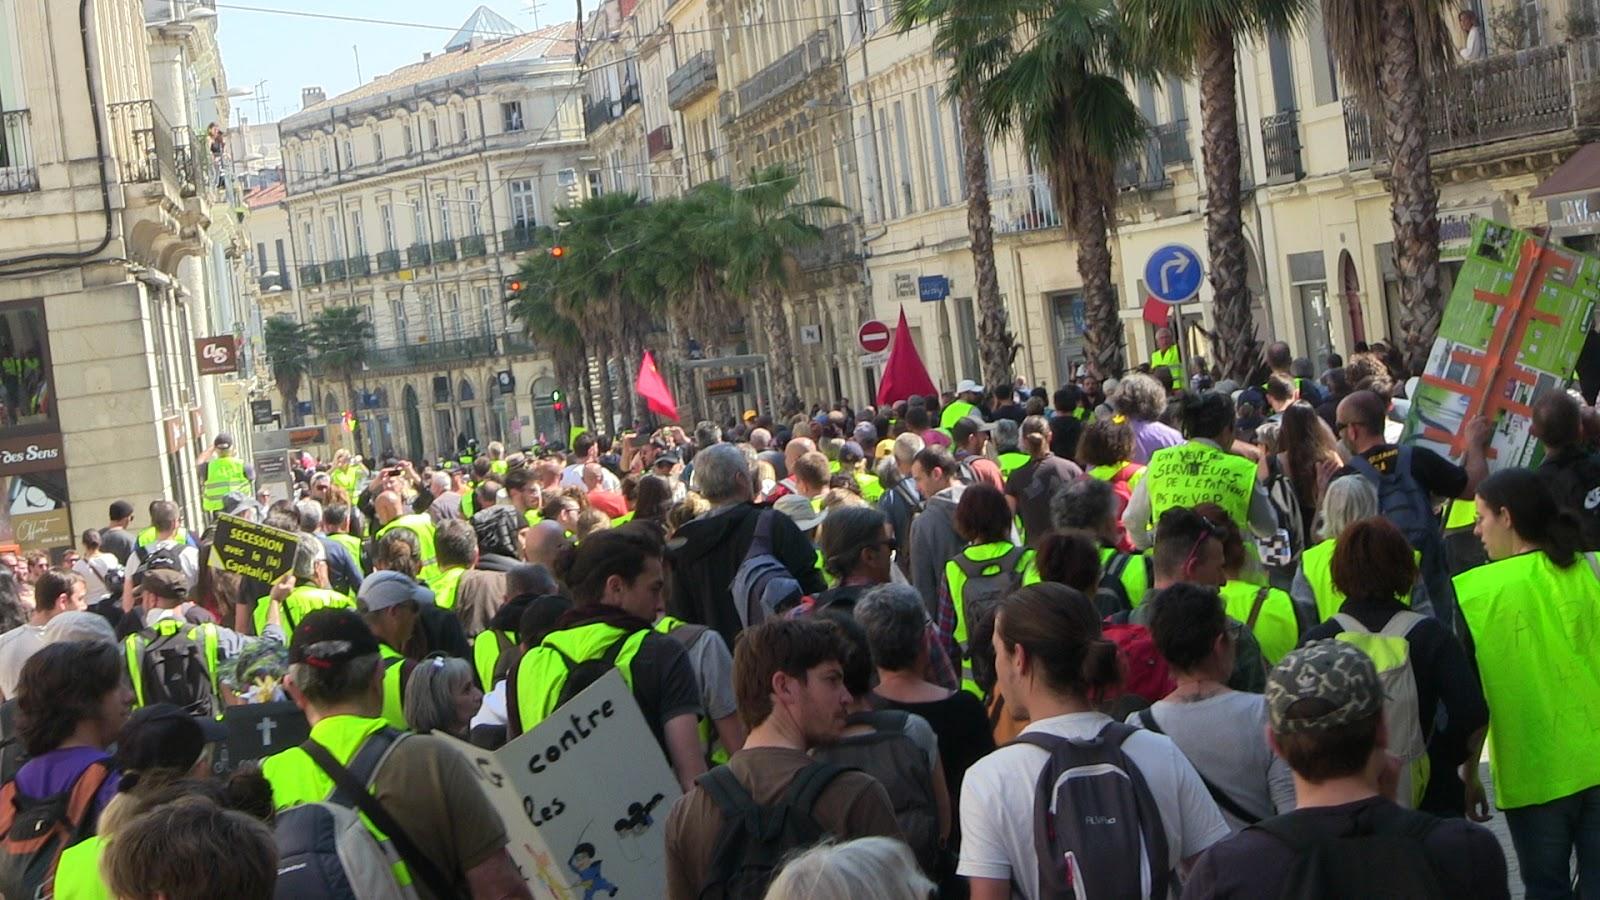 e50c7ed4a02 Samedi. Montpellier encore et toujours en (gilets) jaune(s) !